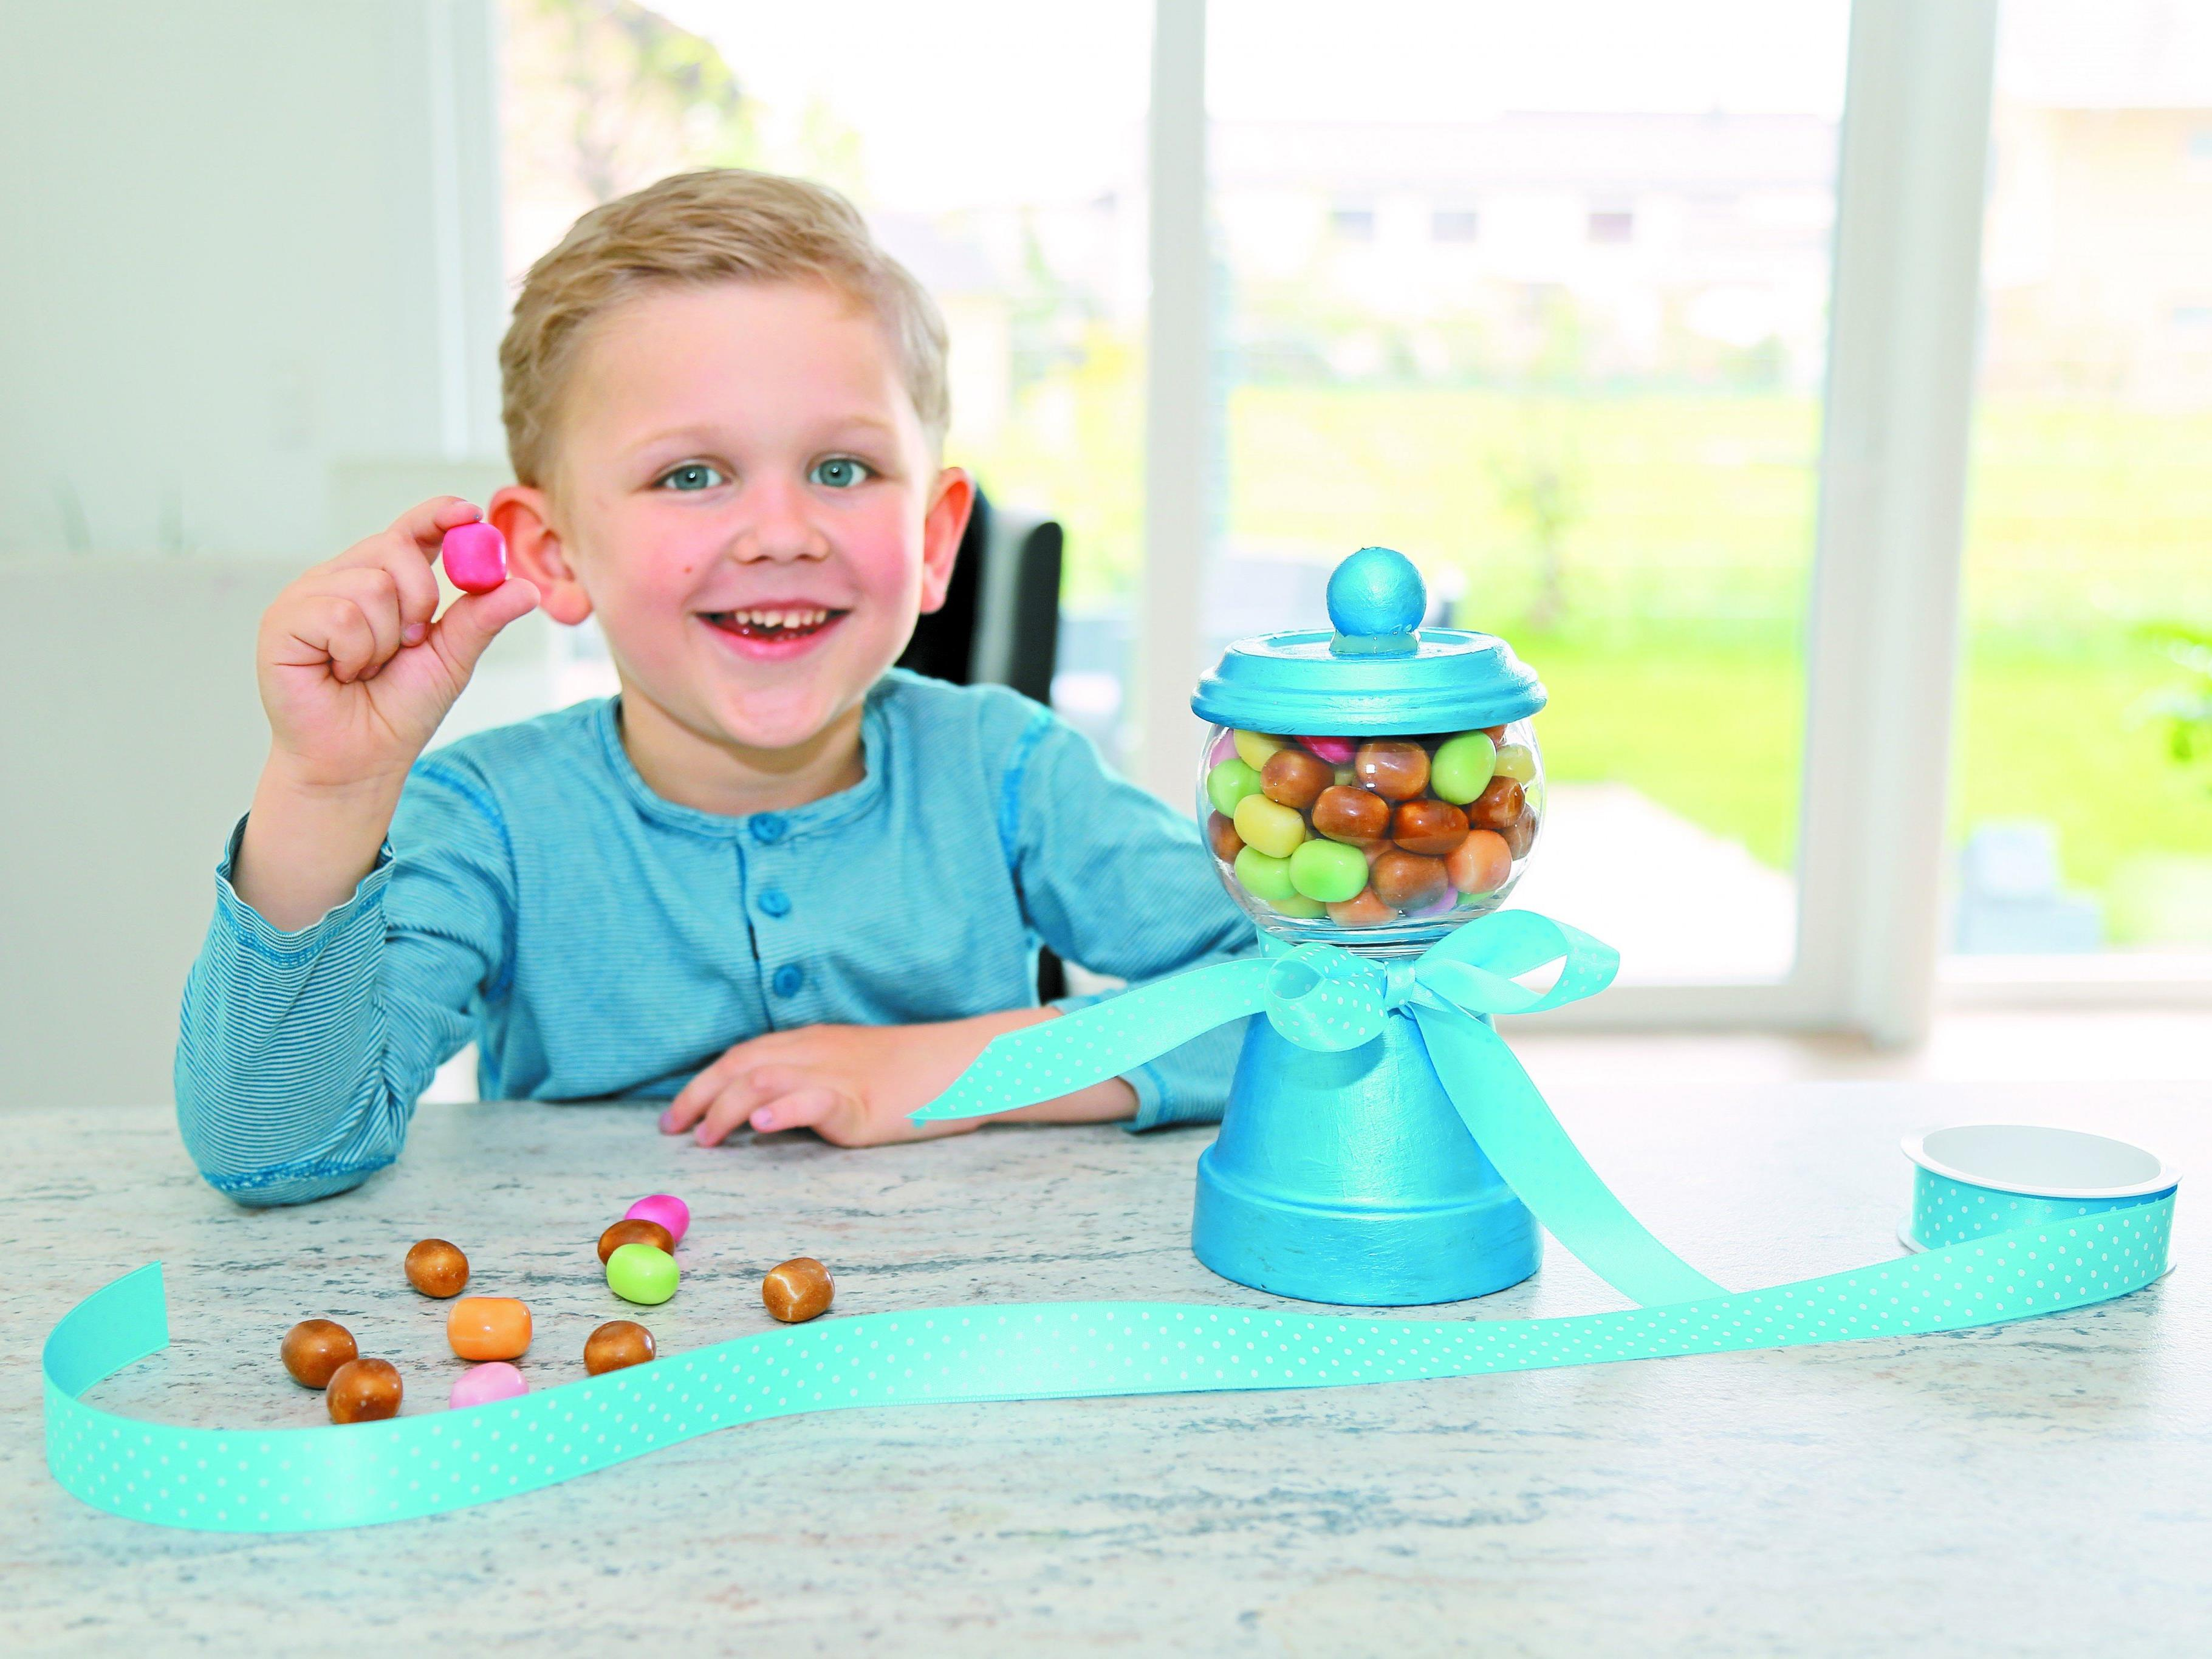 """Jason präsentiert stolz seinen metallic-blauen """"Süßigkeiten-Spender""""."""